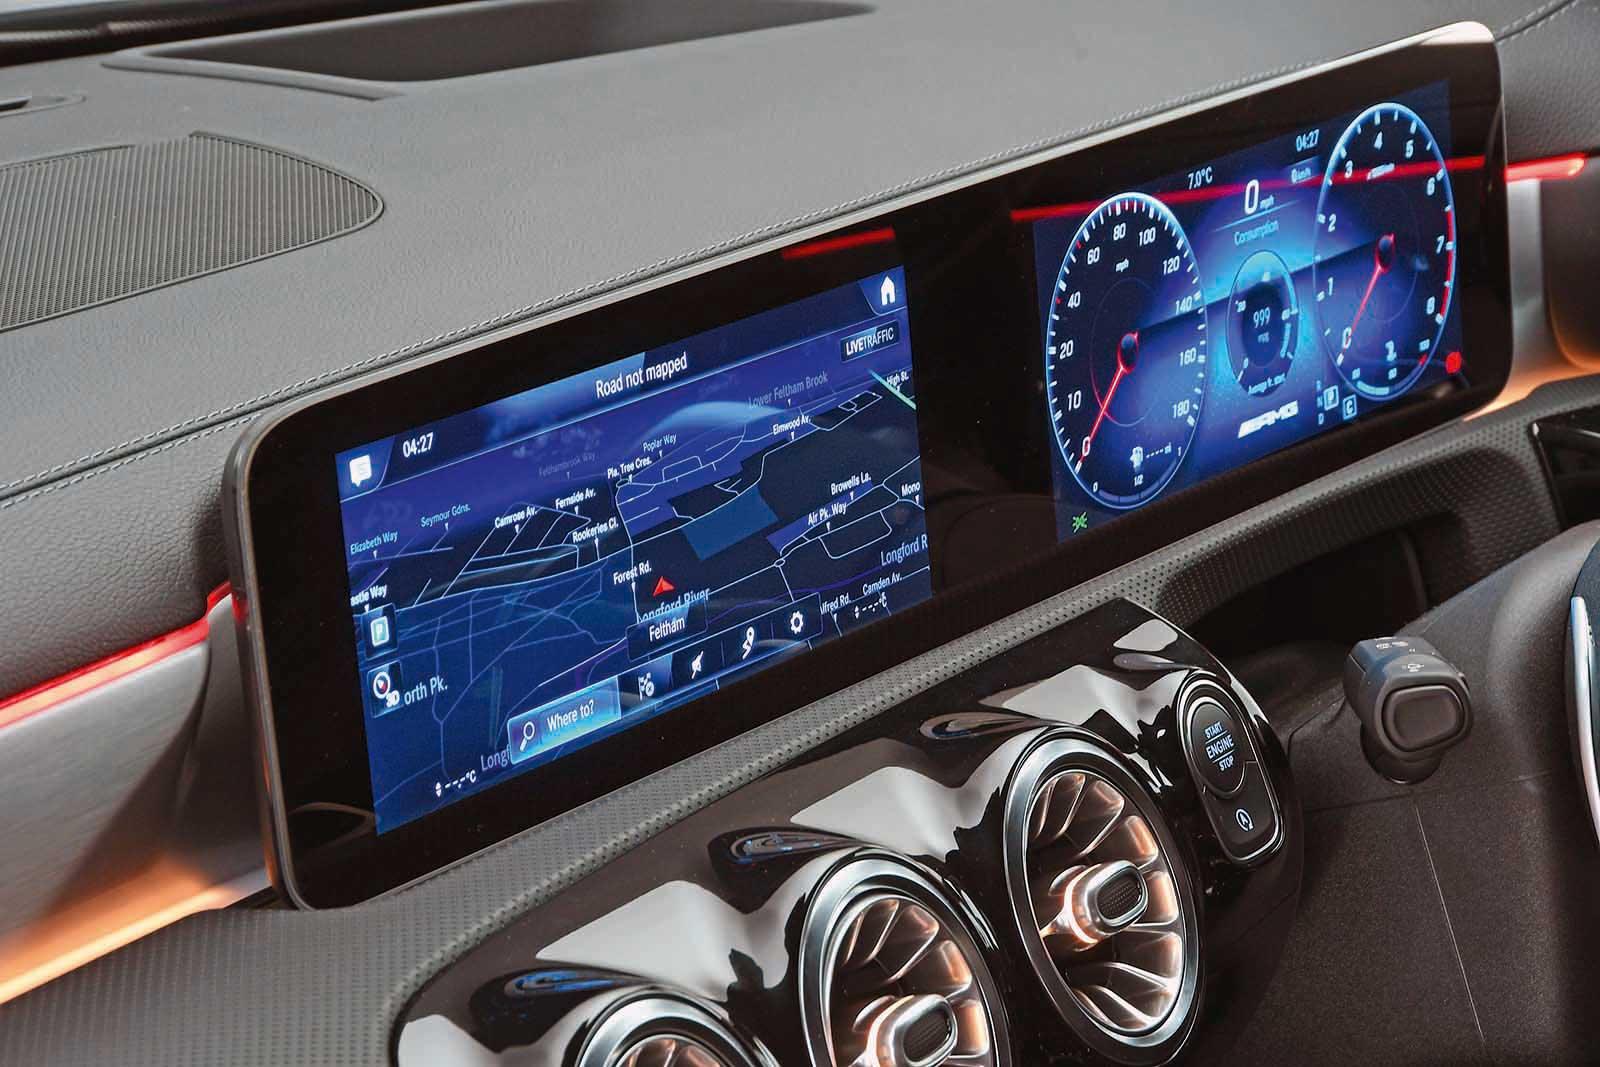 Mercedes-AMG A35 infotainment